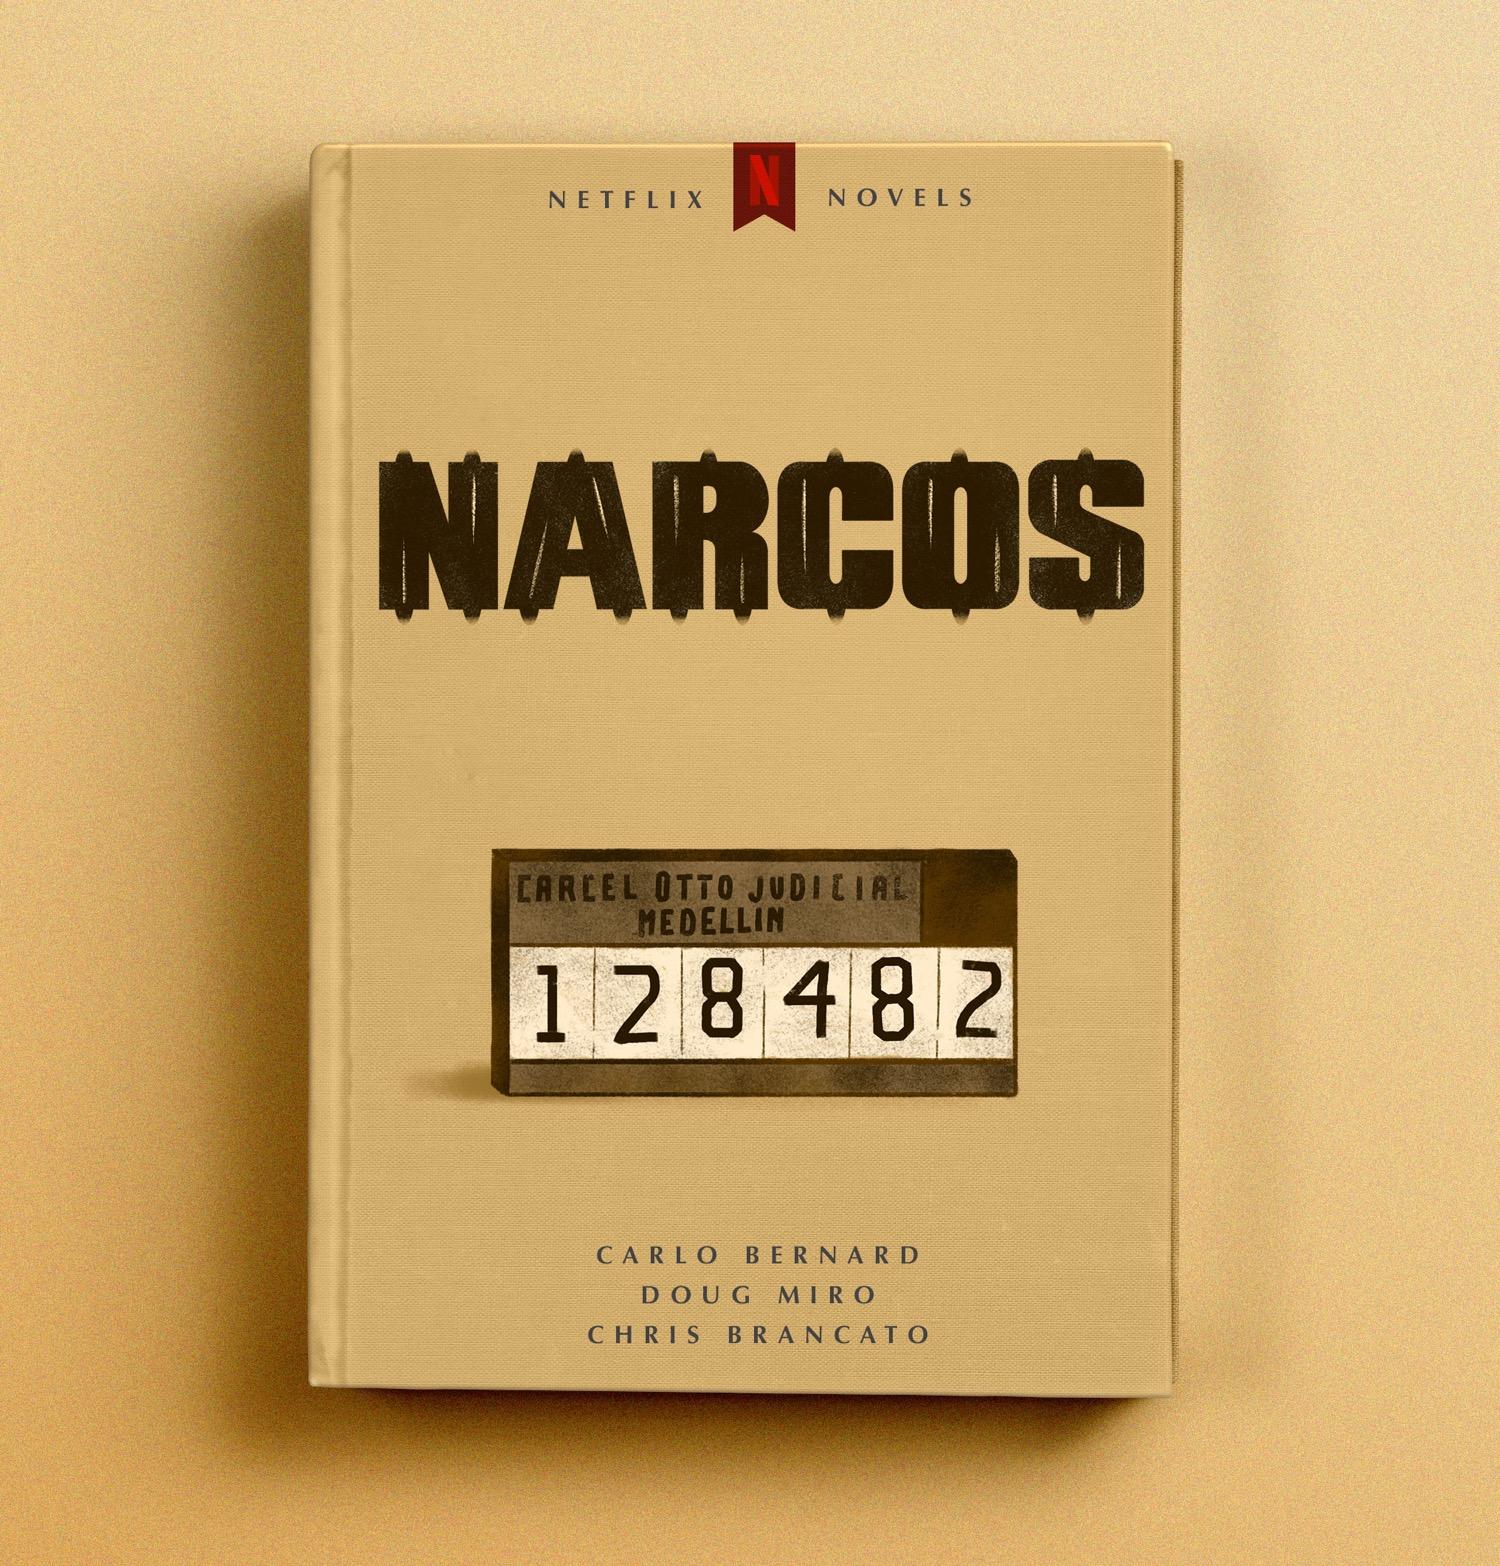 Narcos cover mockup